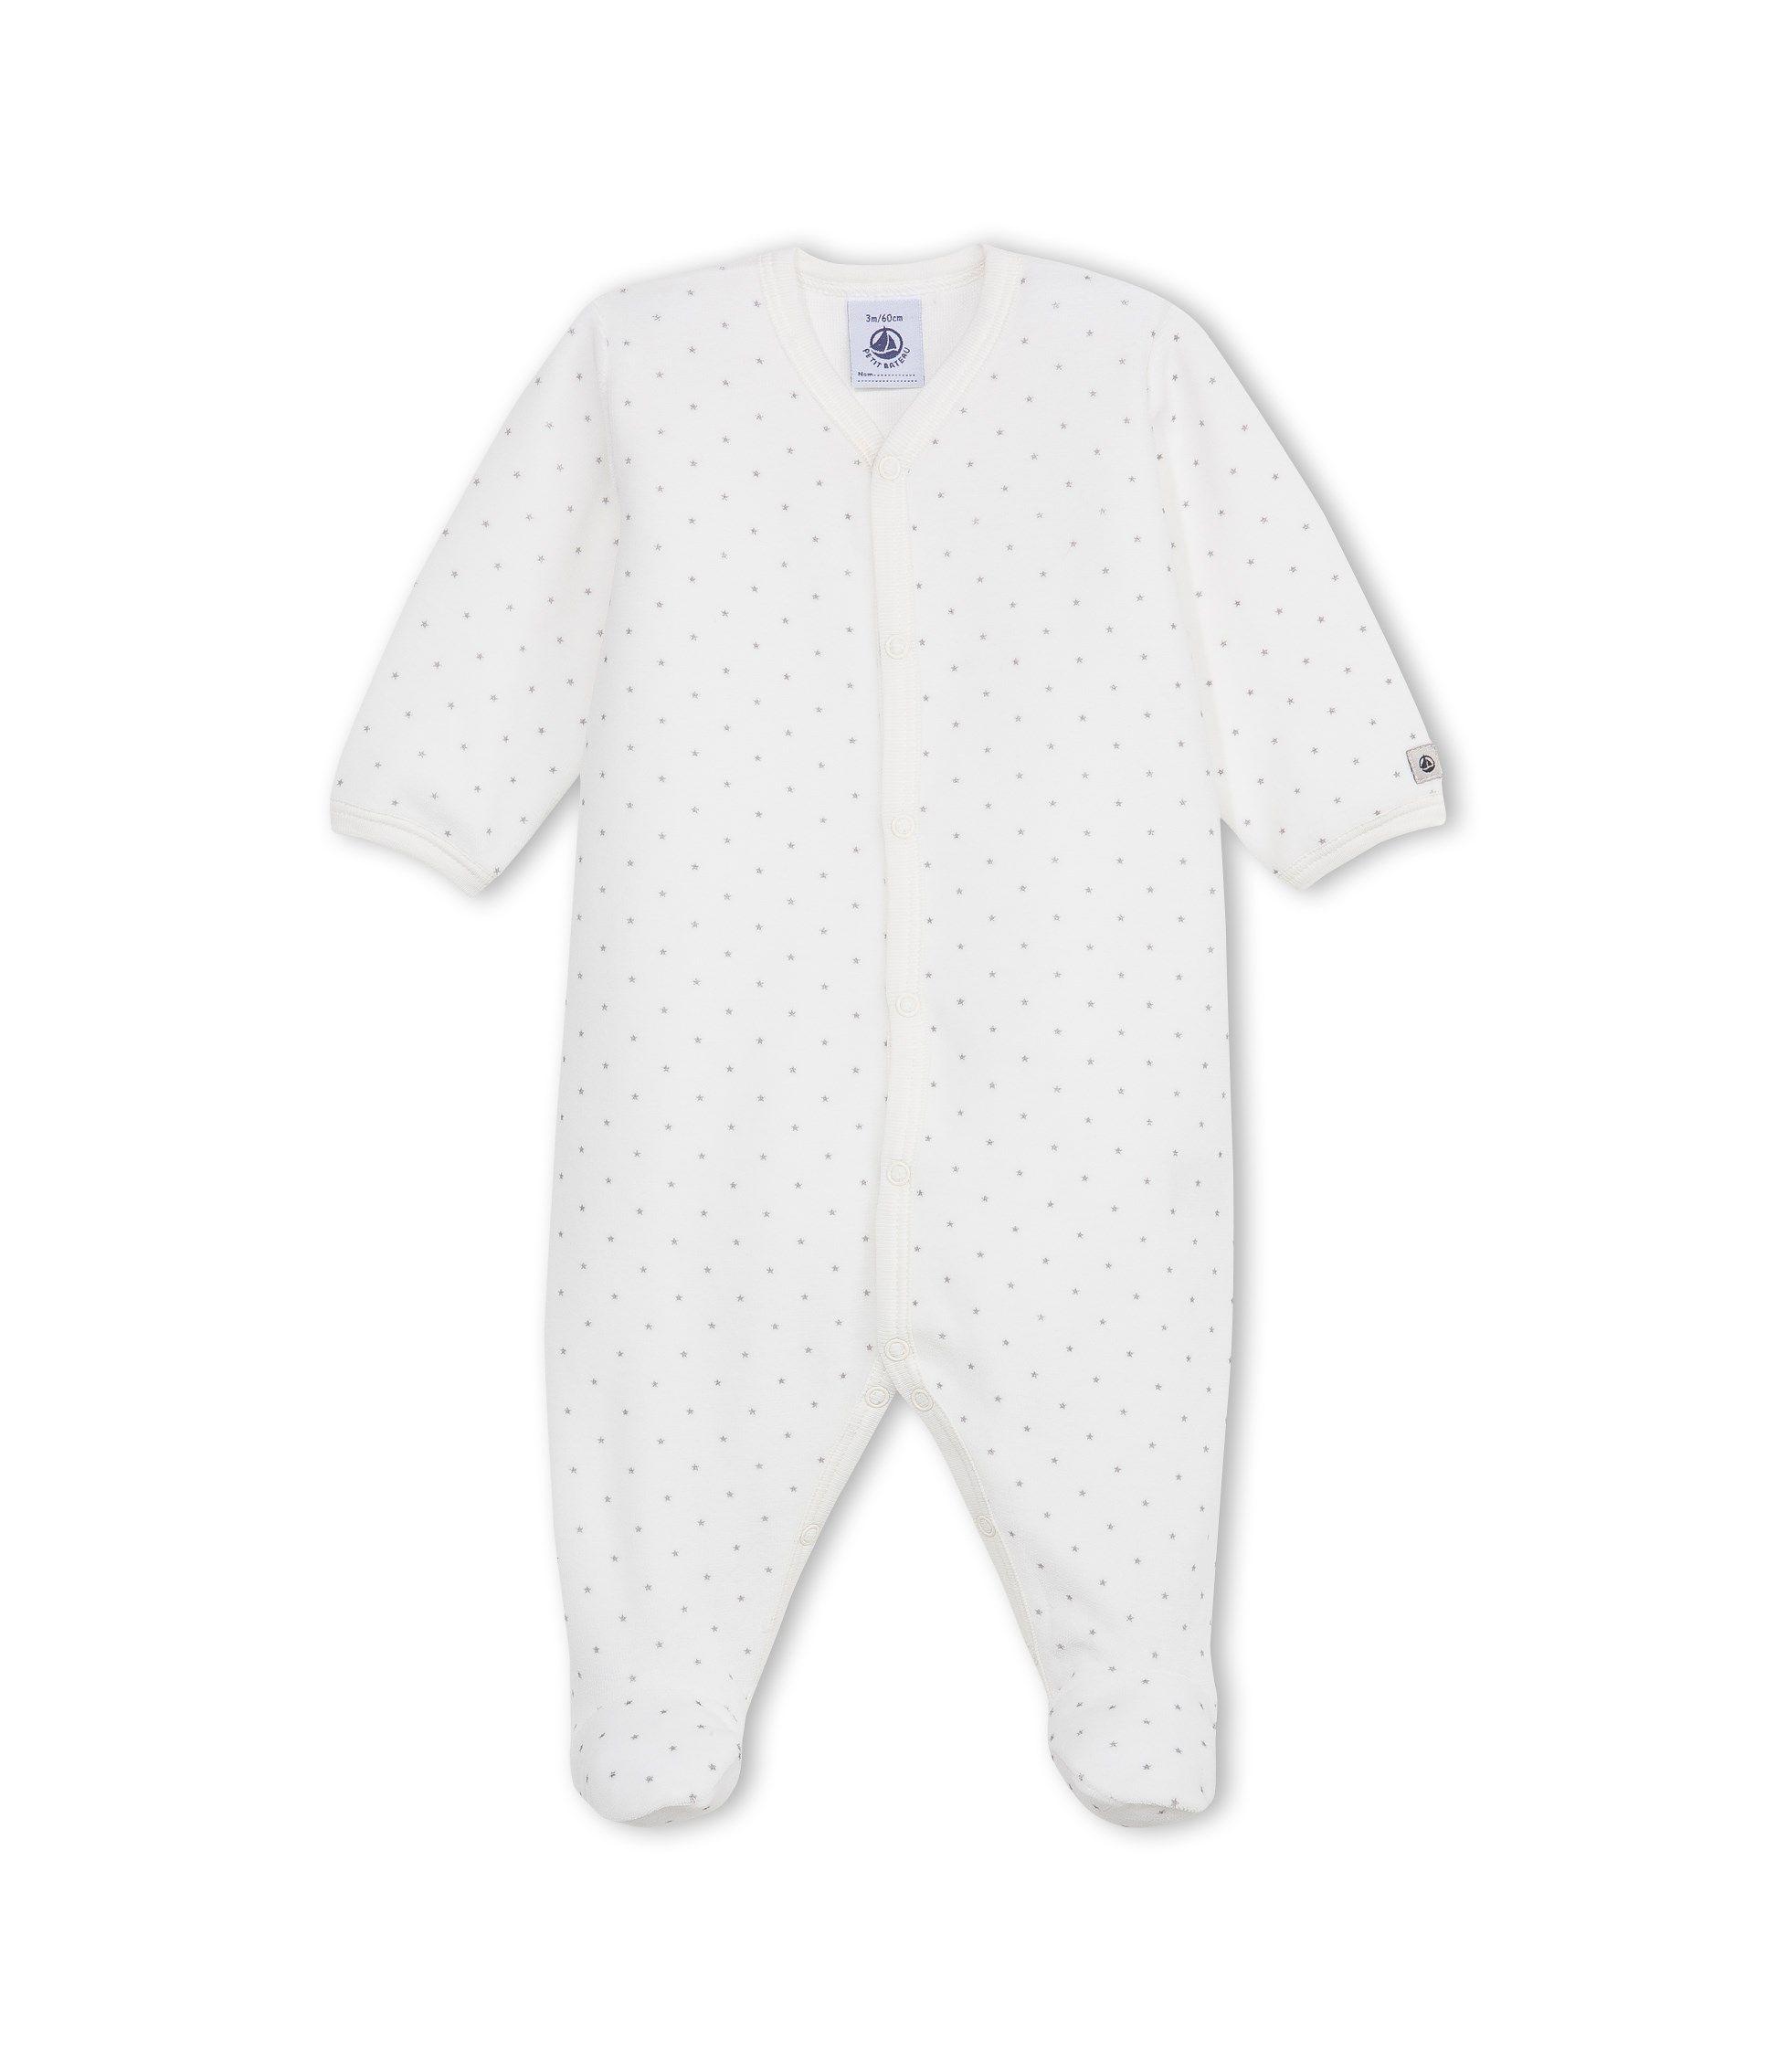 b7767cbcfcbb8 30€ - Dors bien bébé mixte imprimé étoiles blanc Lait   gris Concrete -  Petit Bateau